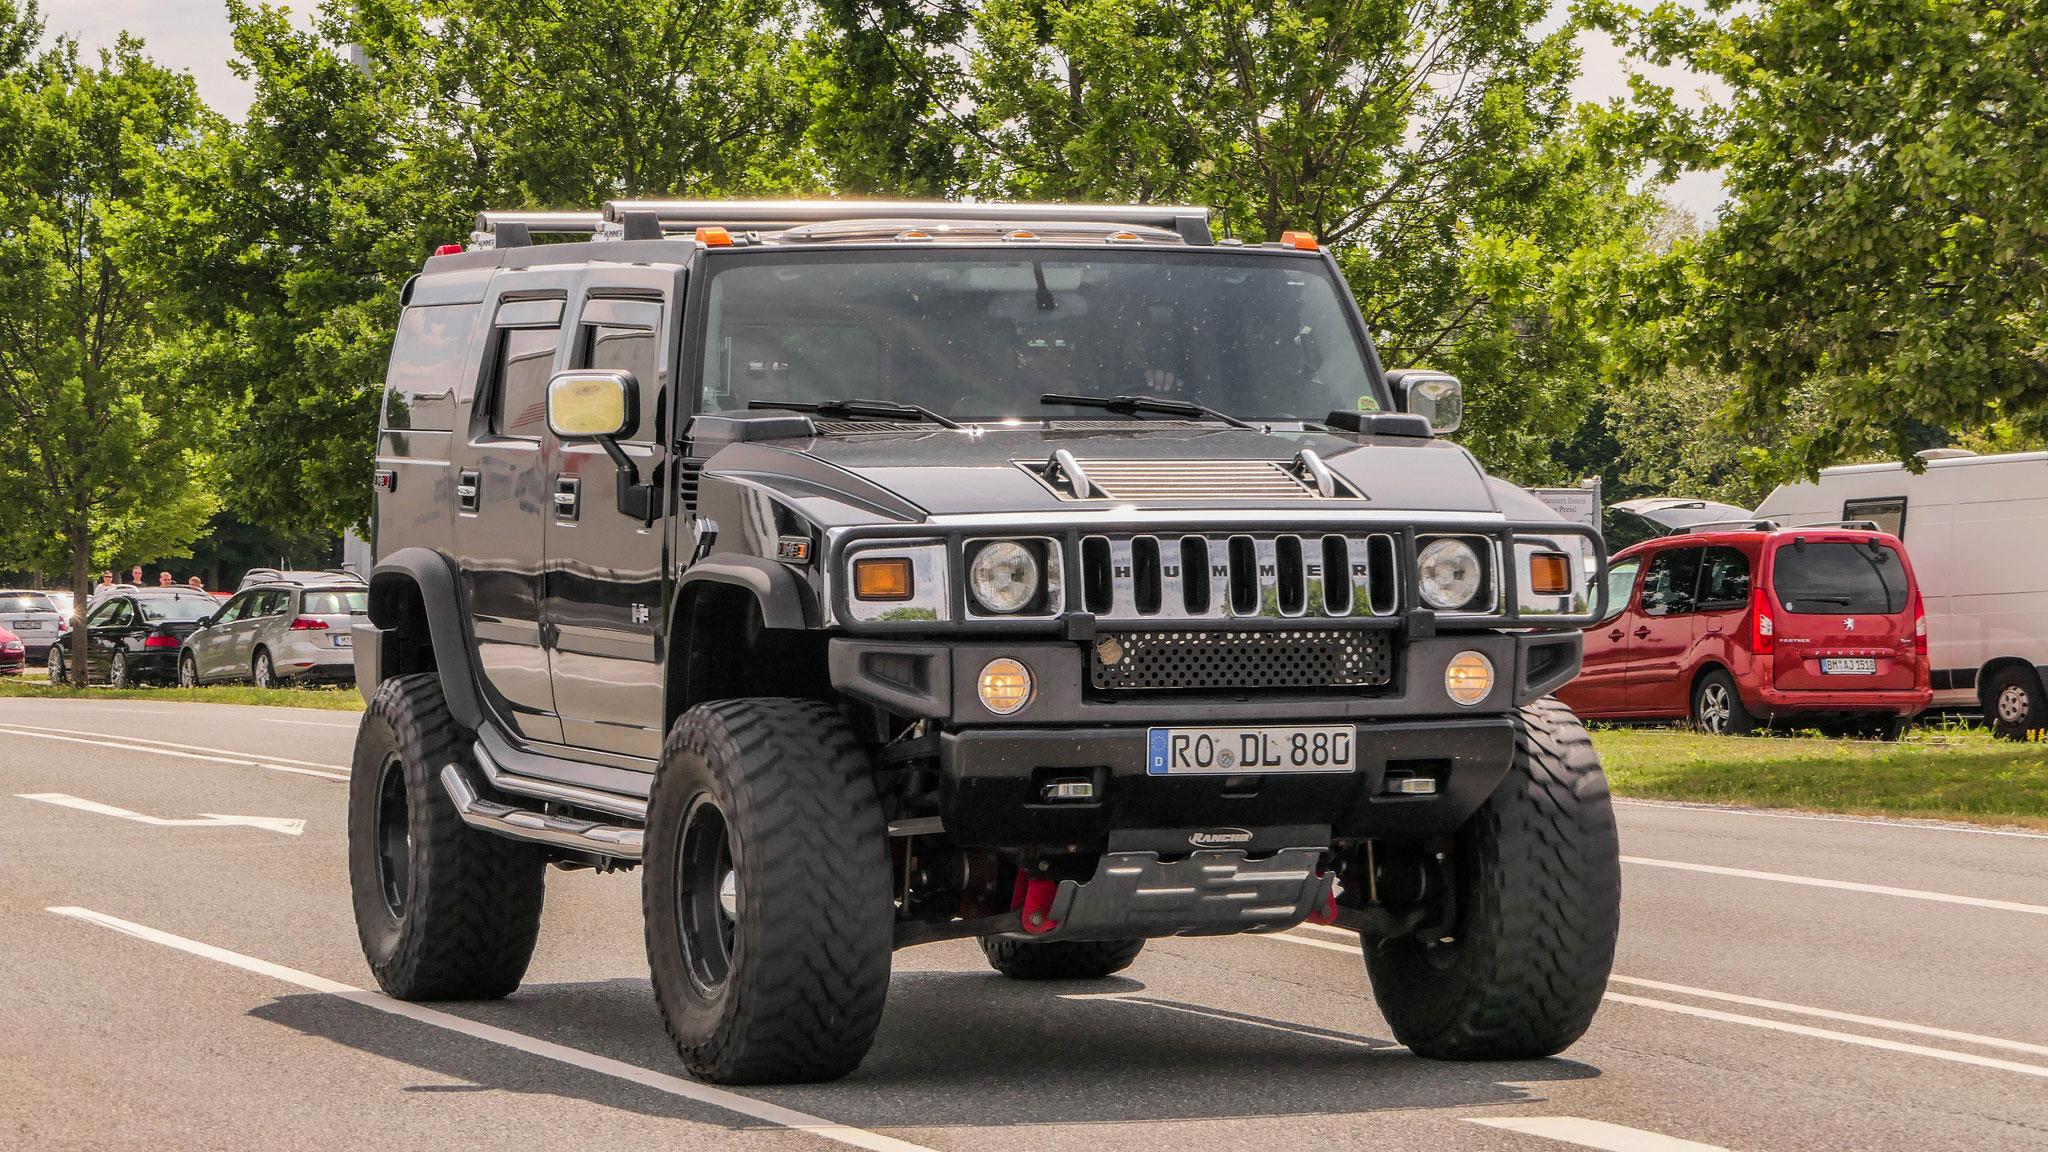 Hummer H2 - RO-DL-880